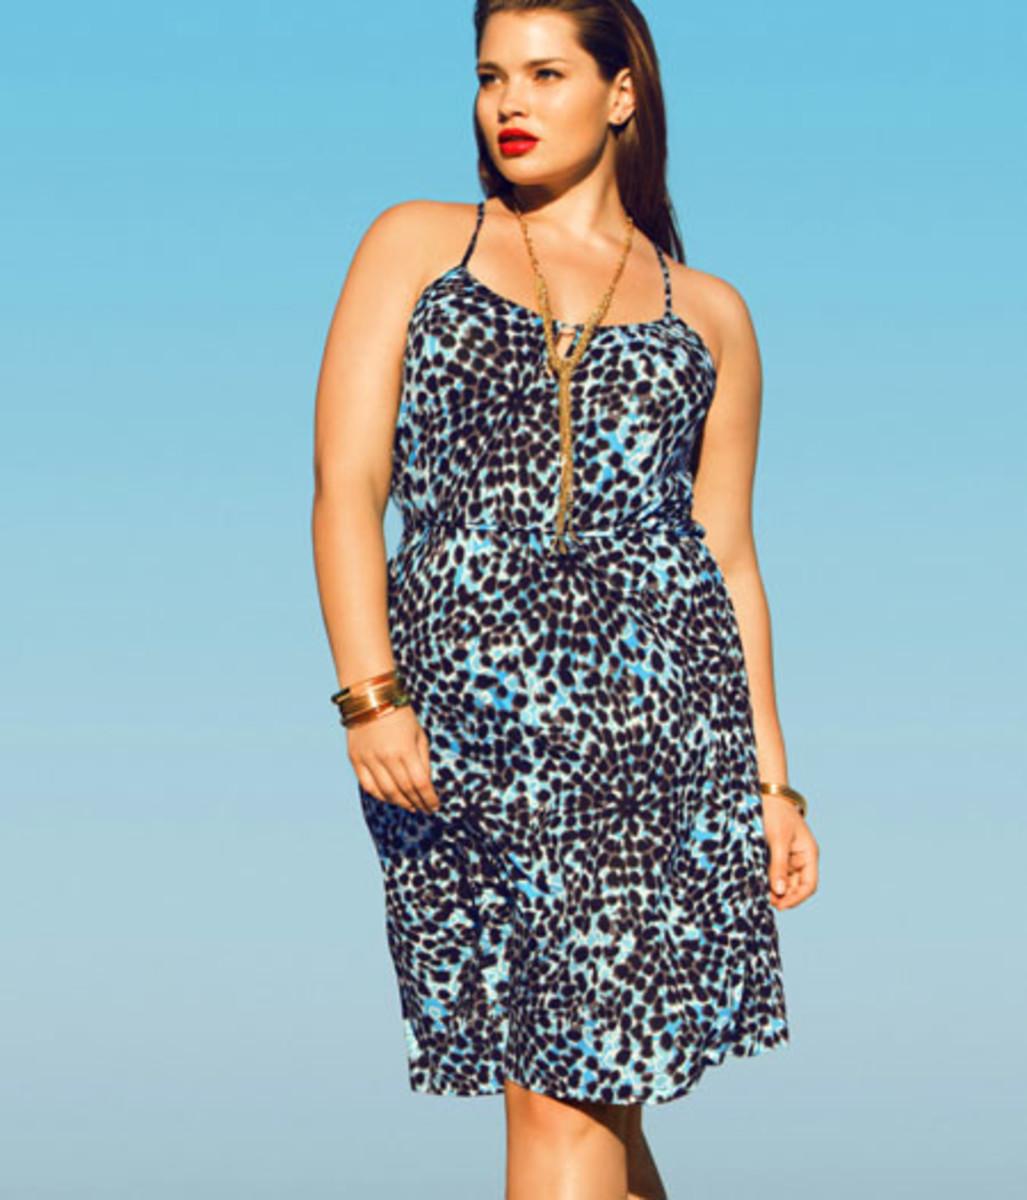 Tara Lynn for H&M_BiB_UK